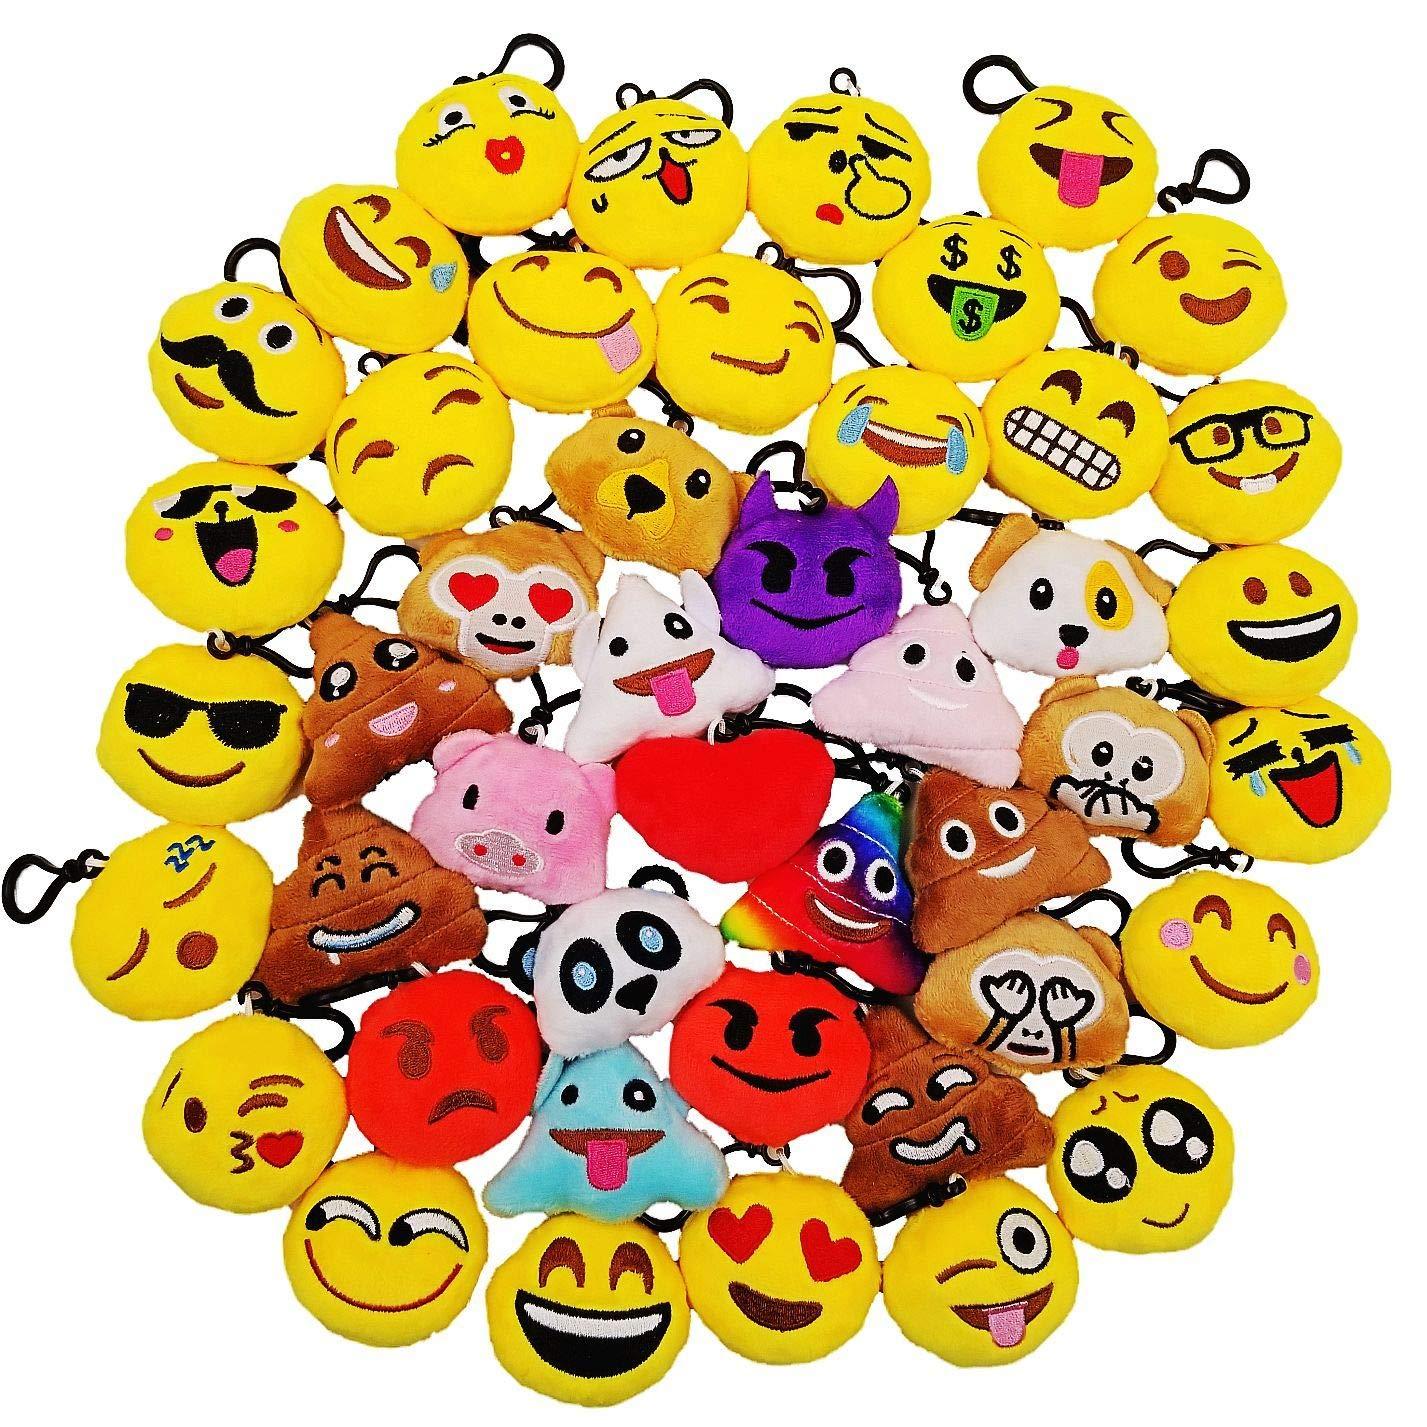 JZK 45pcs Mini Juguete de Peluche, Emoji Llavero emoticonos Llavero emoción para niños & Adulto Fiesta cumpleaños favores Rellenos Bolso Partido ...